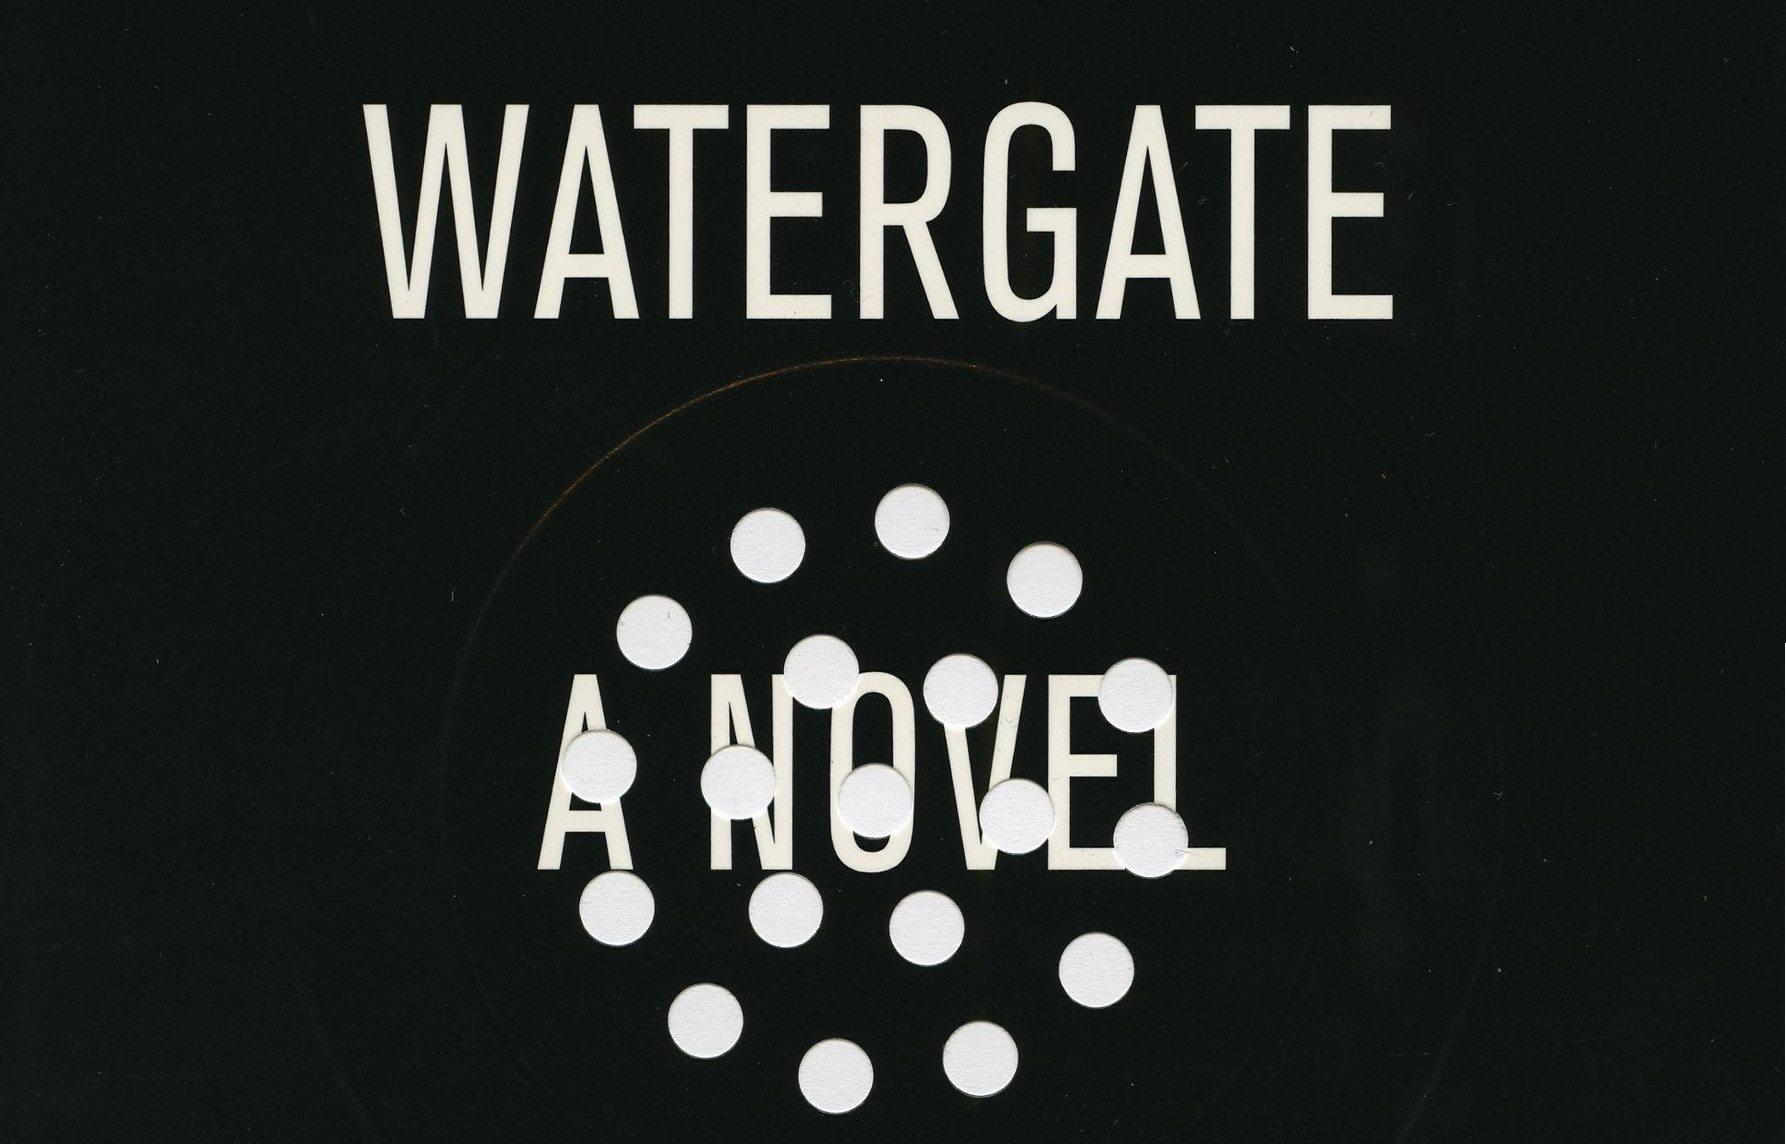 CBS desarrolla series limitadas de Watergate